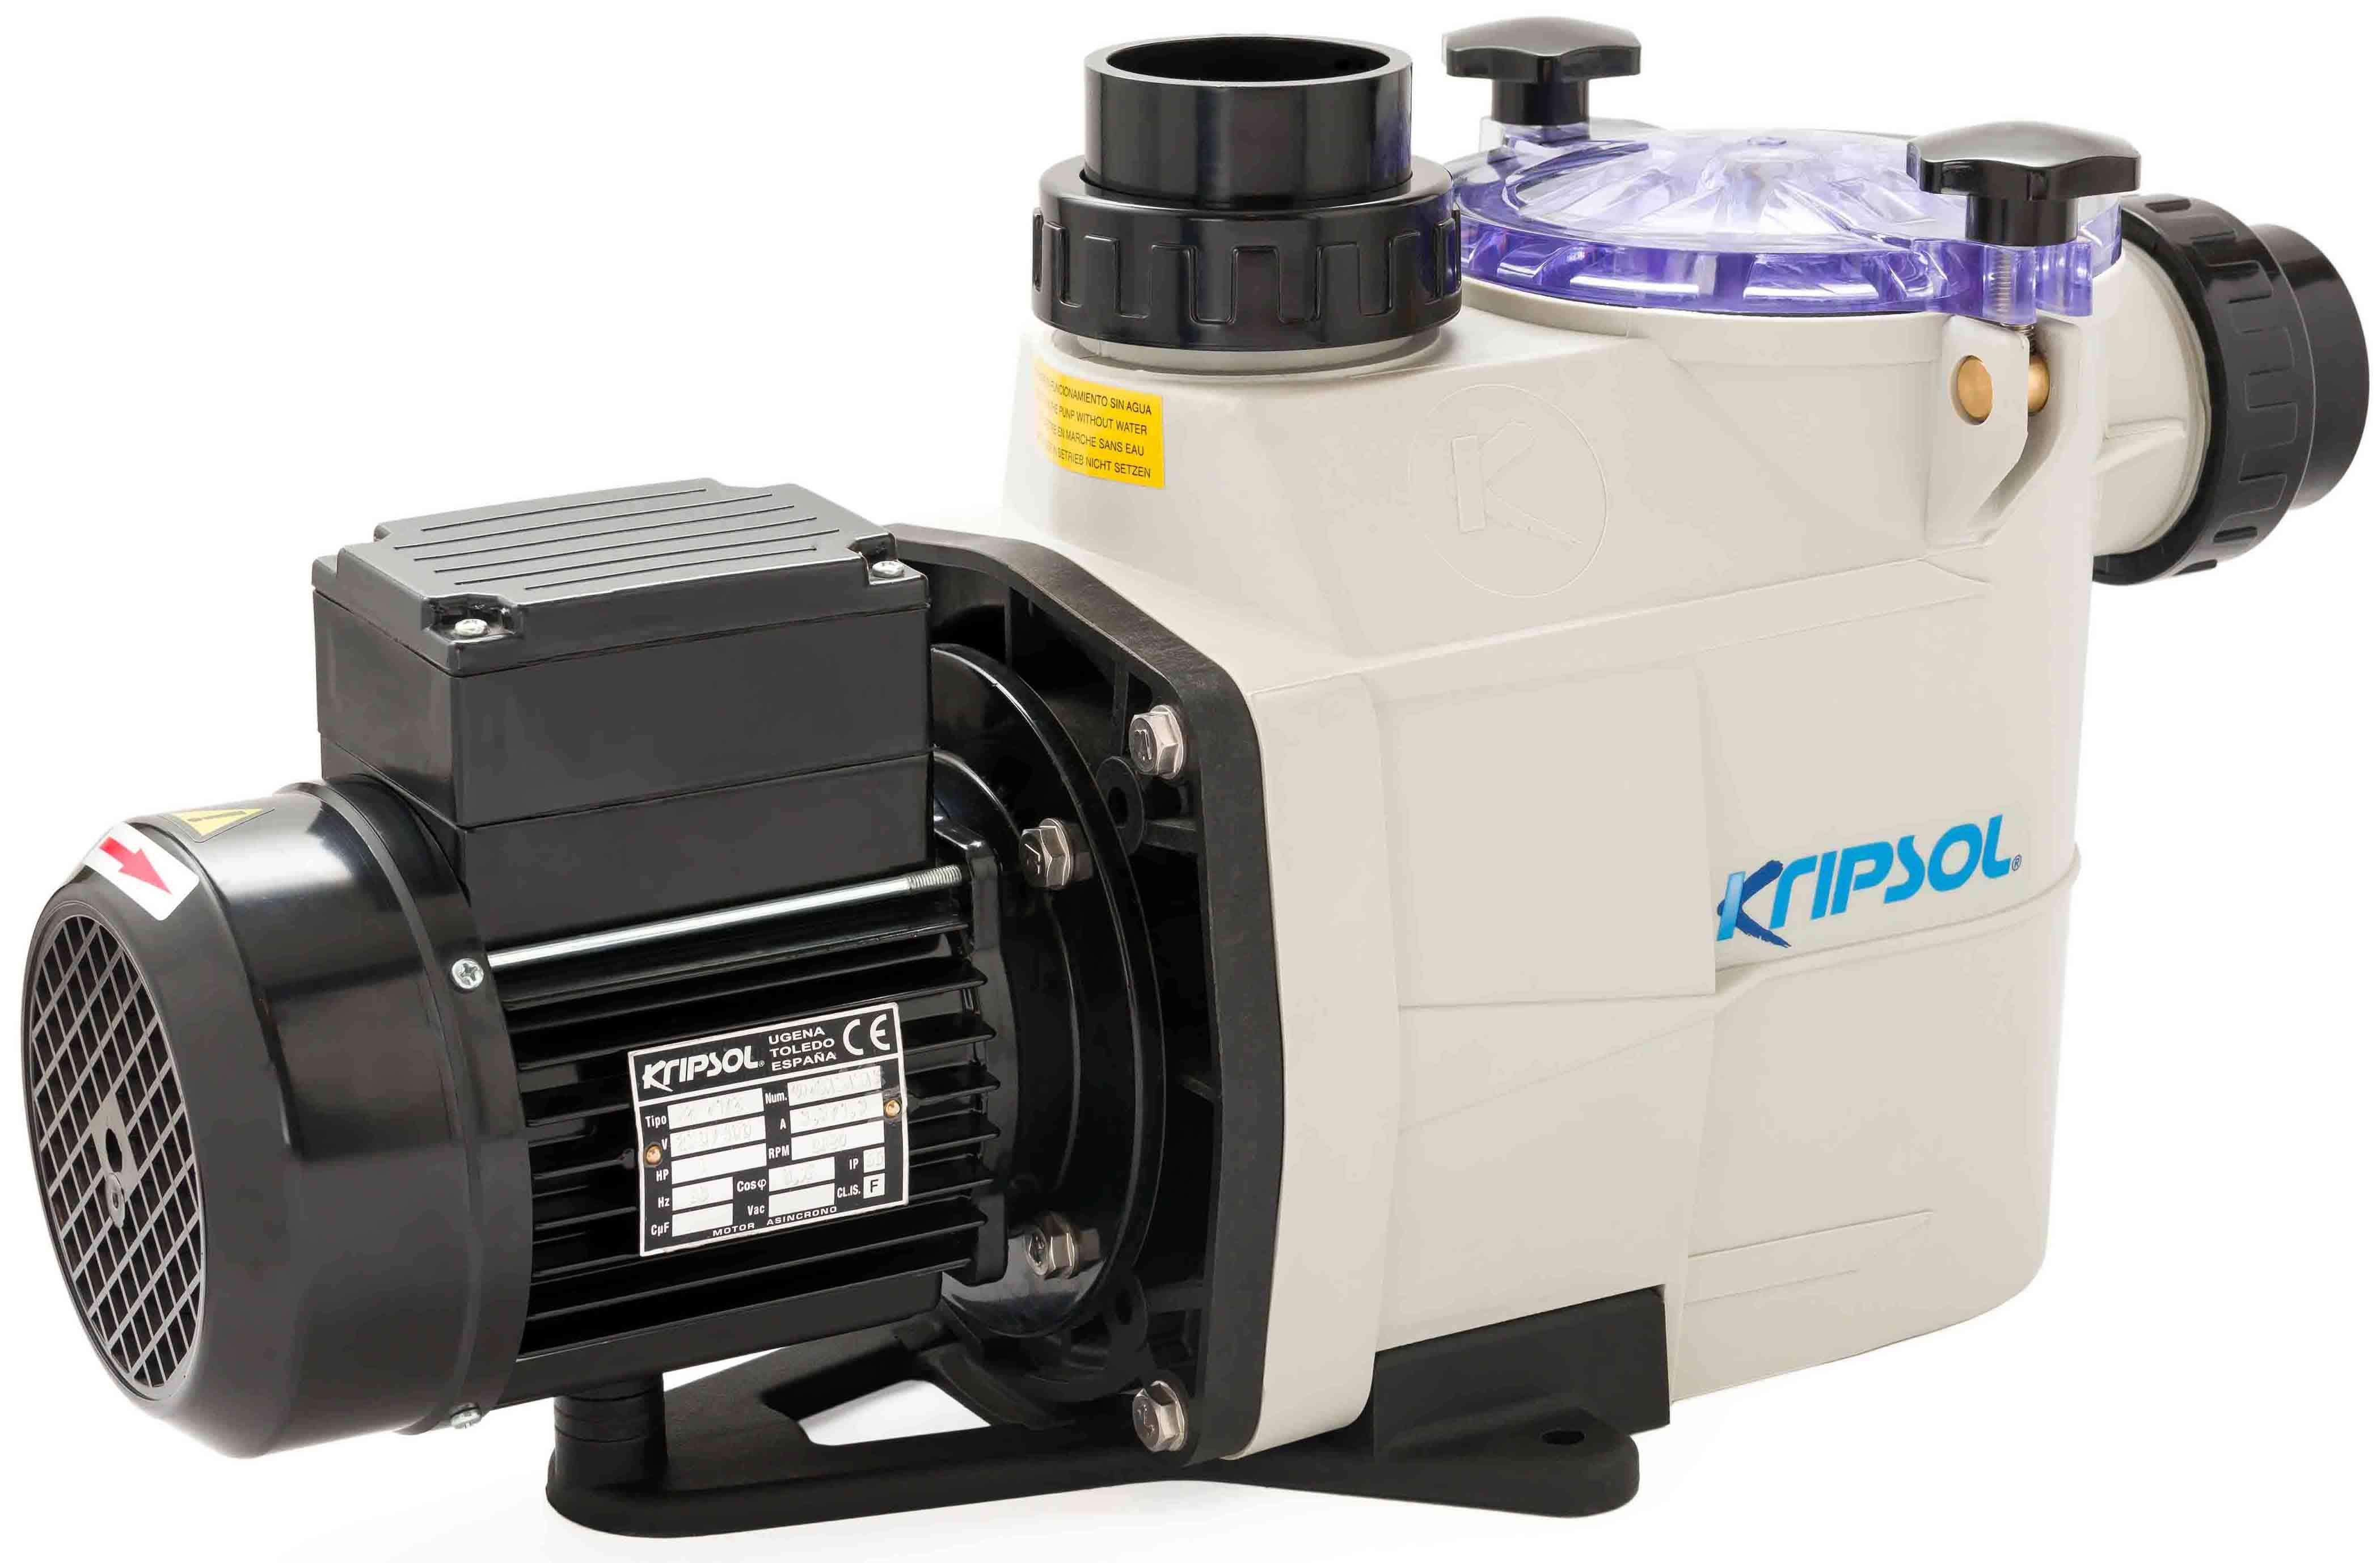 swimming pool pump suppliers in dubai l kripsol pump l astral pump